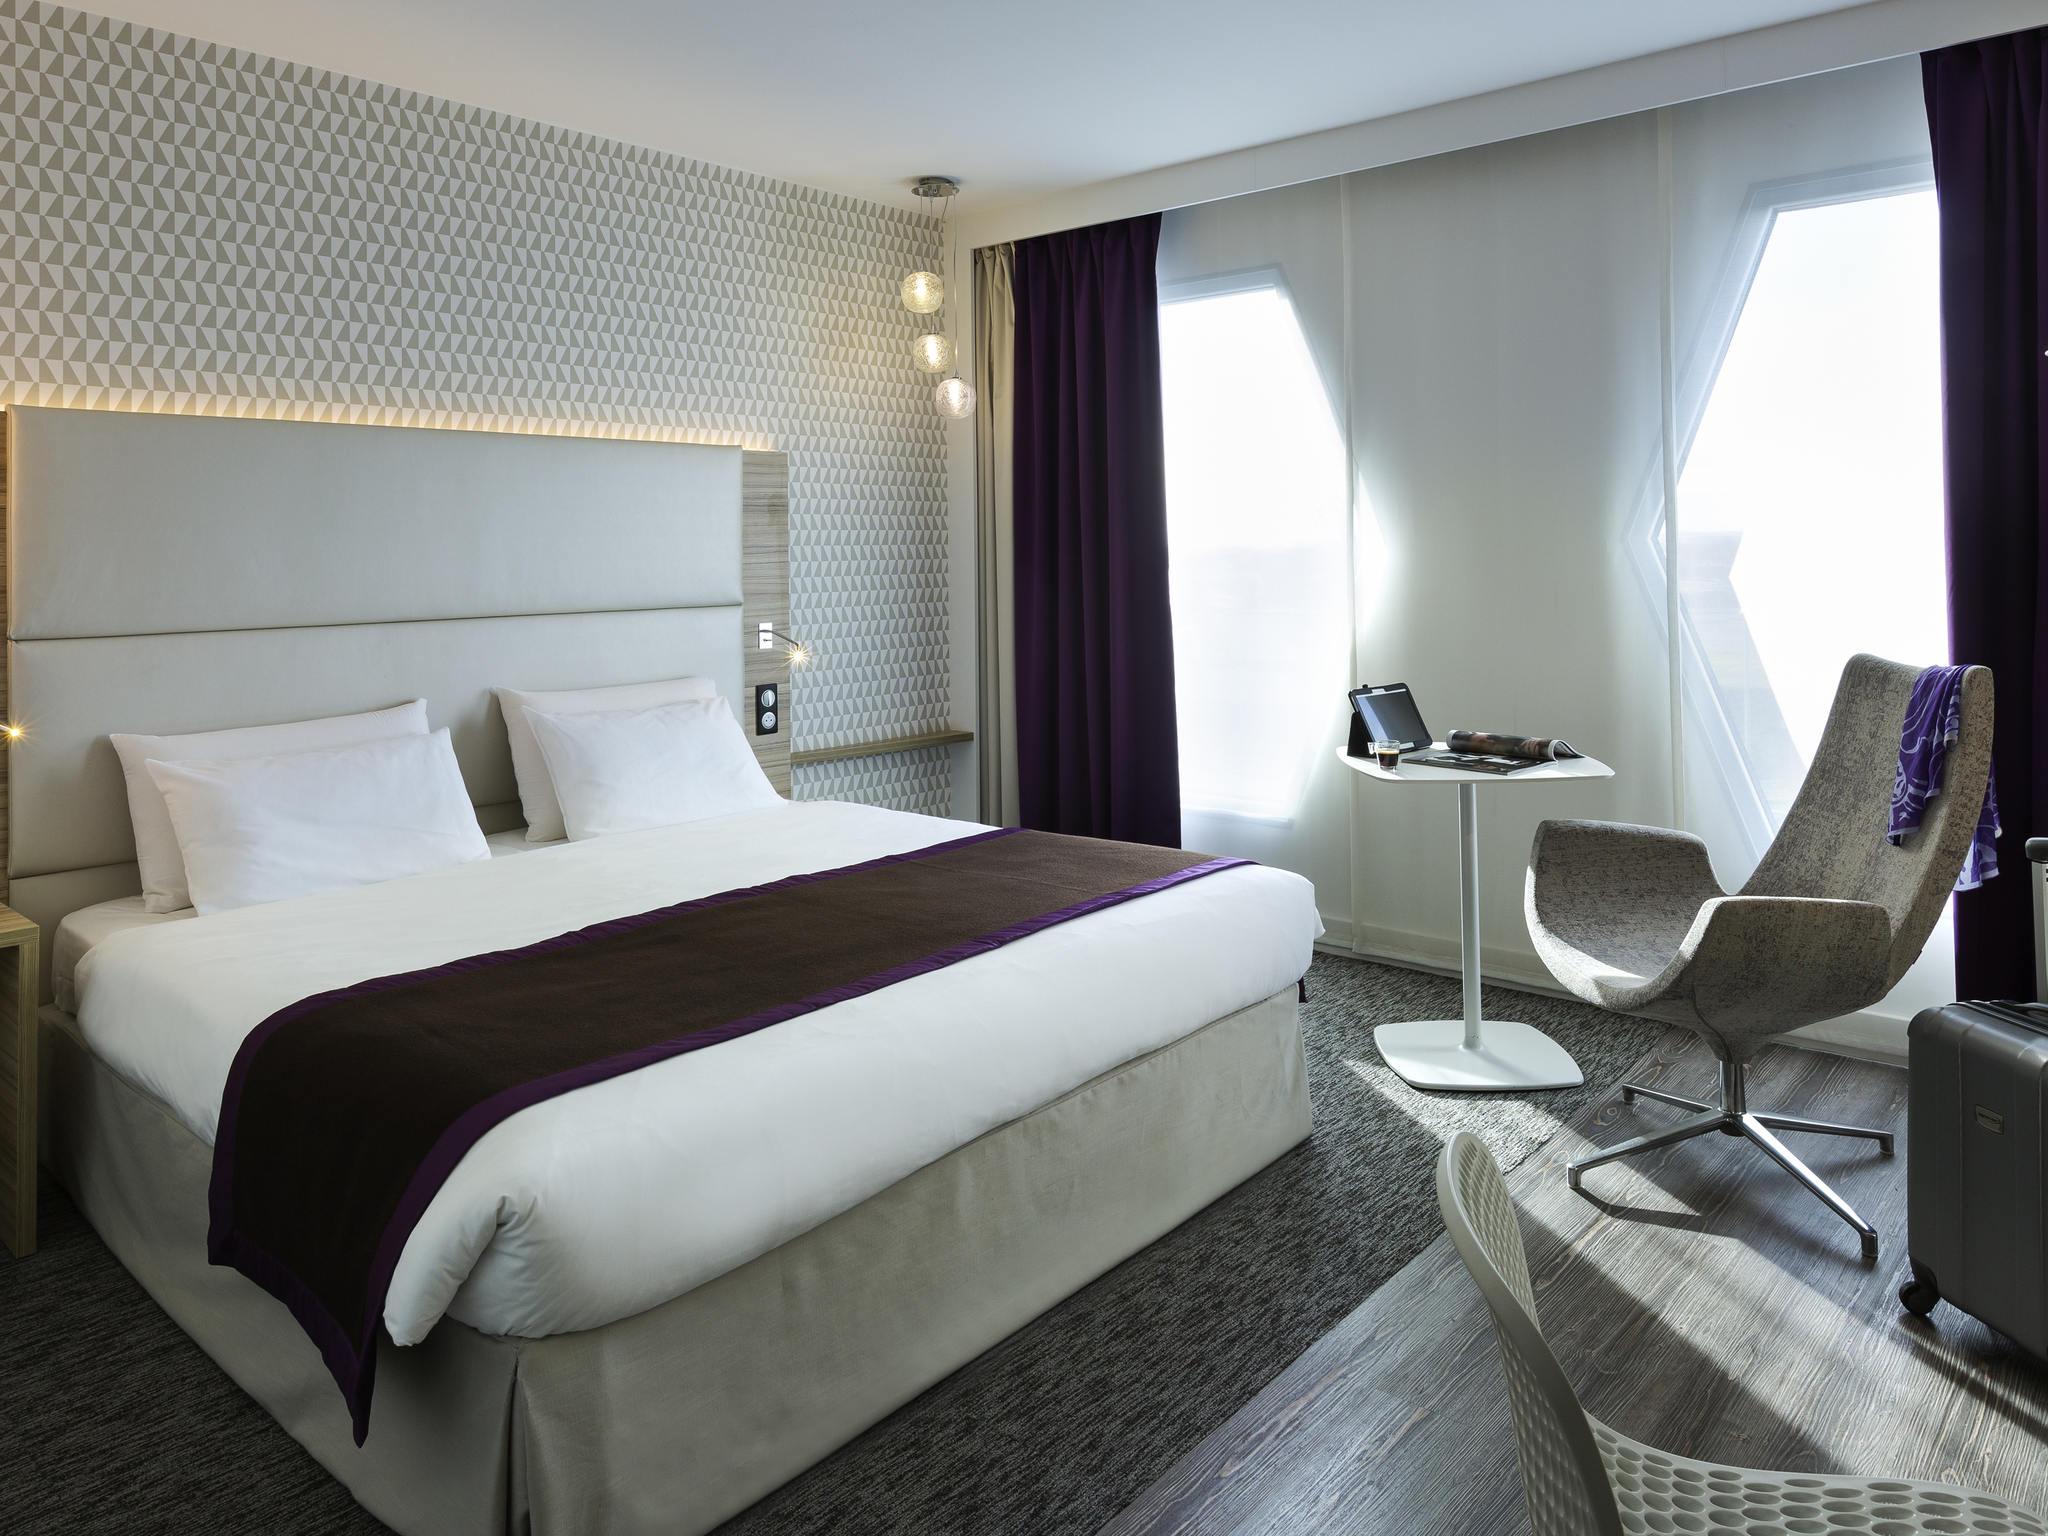 Hotel – Hôtel Mercure Paris Orly Rungis Aéroport